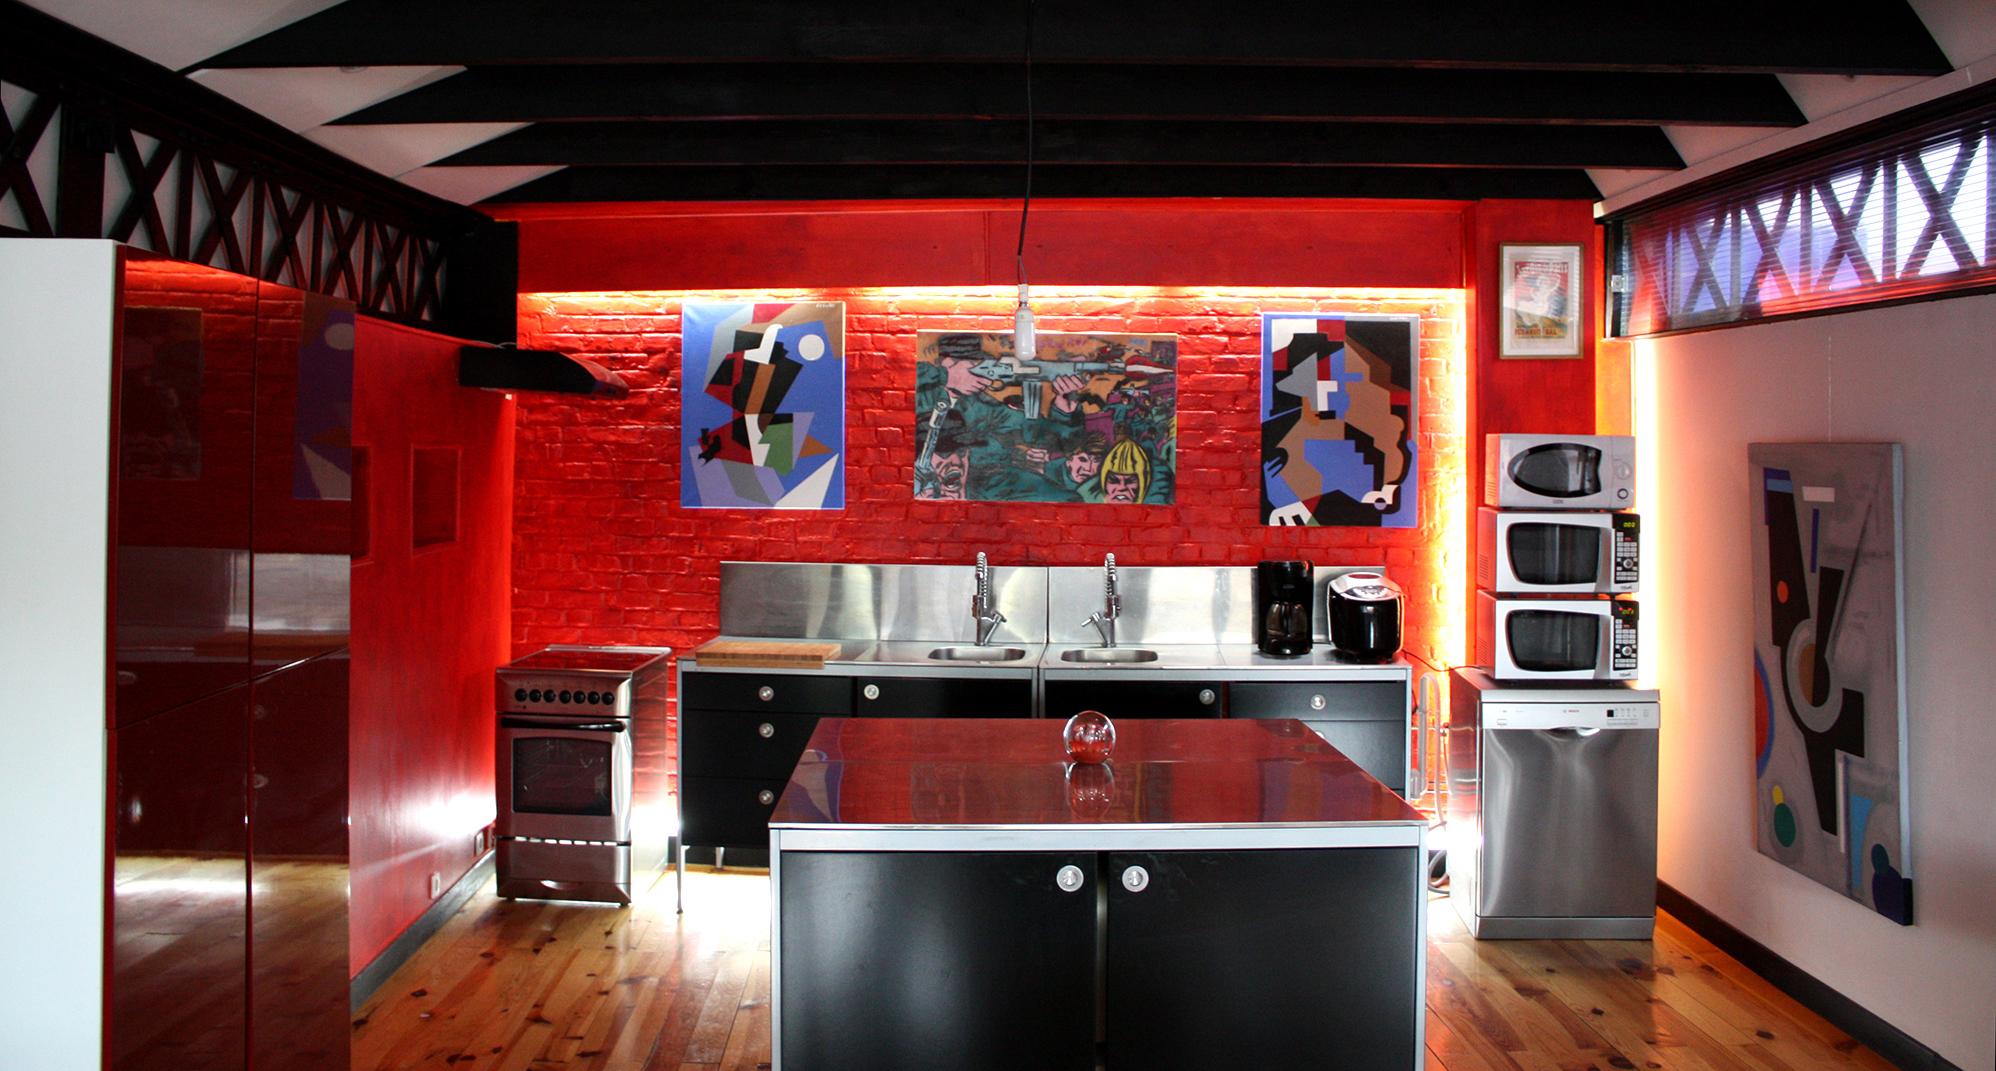 Notre loft blog d co id es d co et photos de lofts for Cuisine 3d ikea 2013